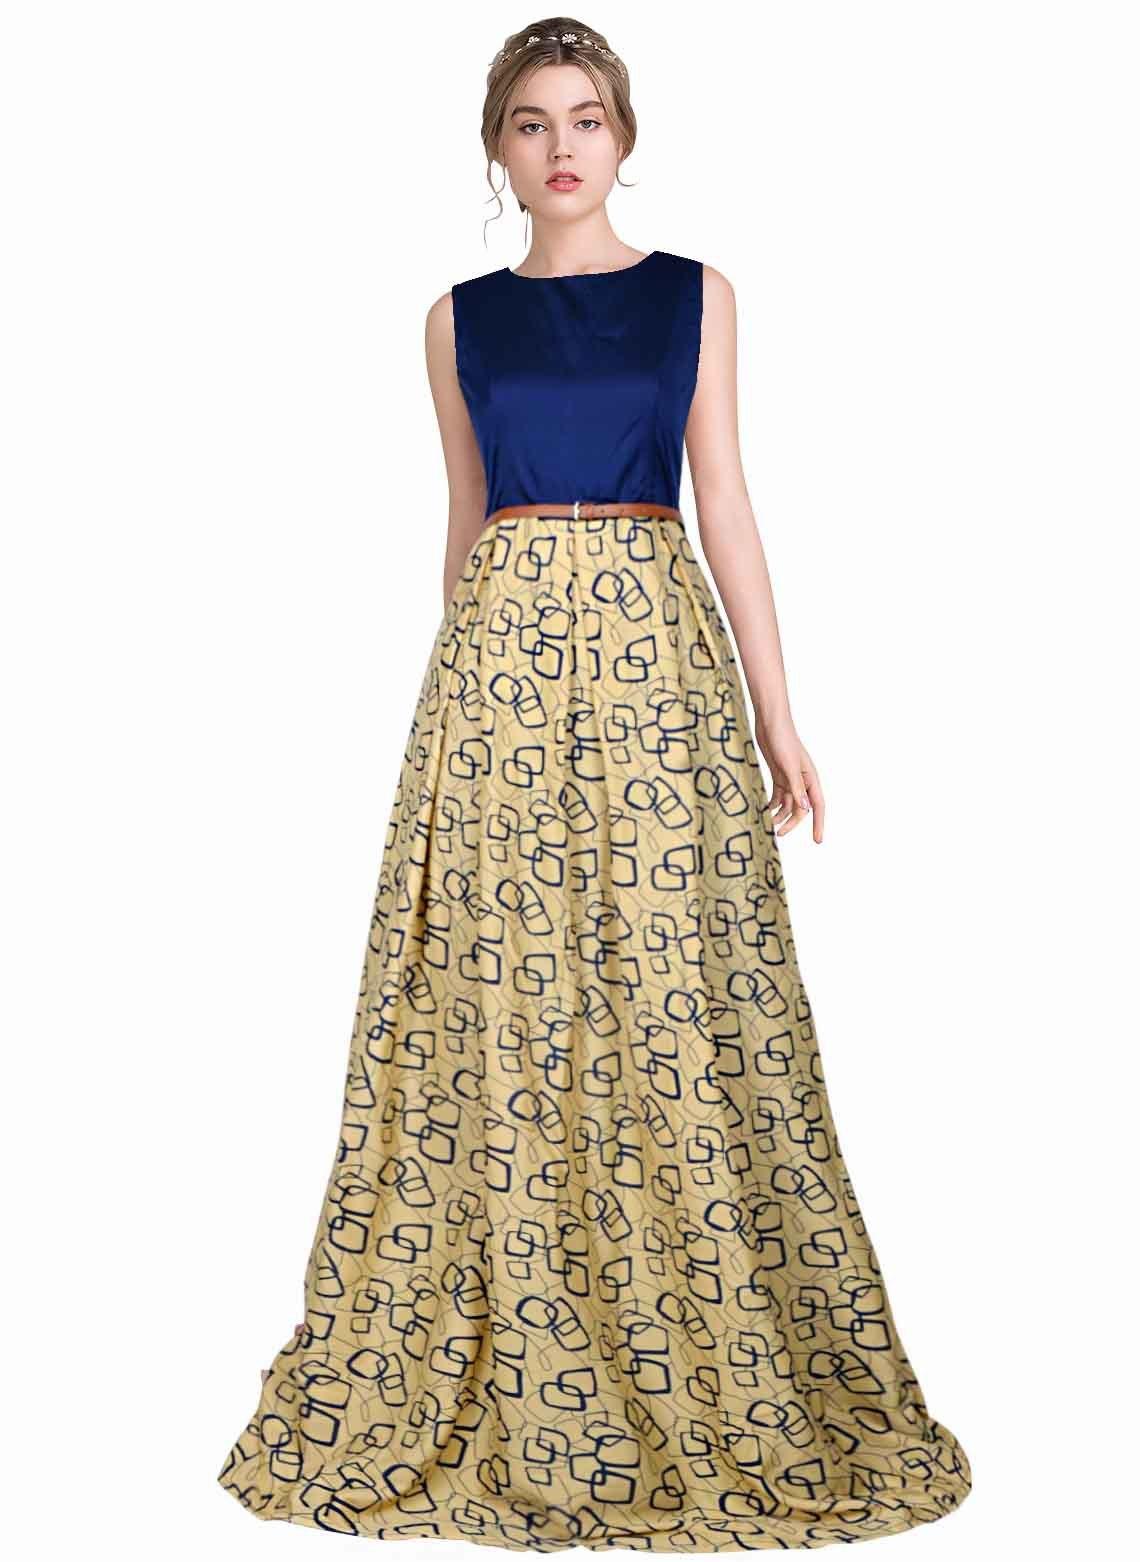 Mentosh Gown